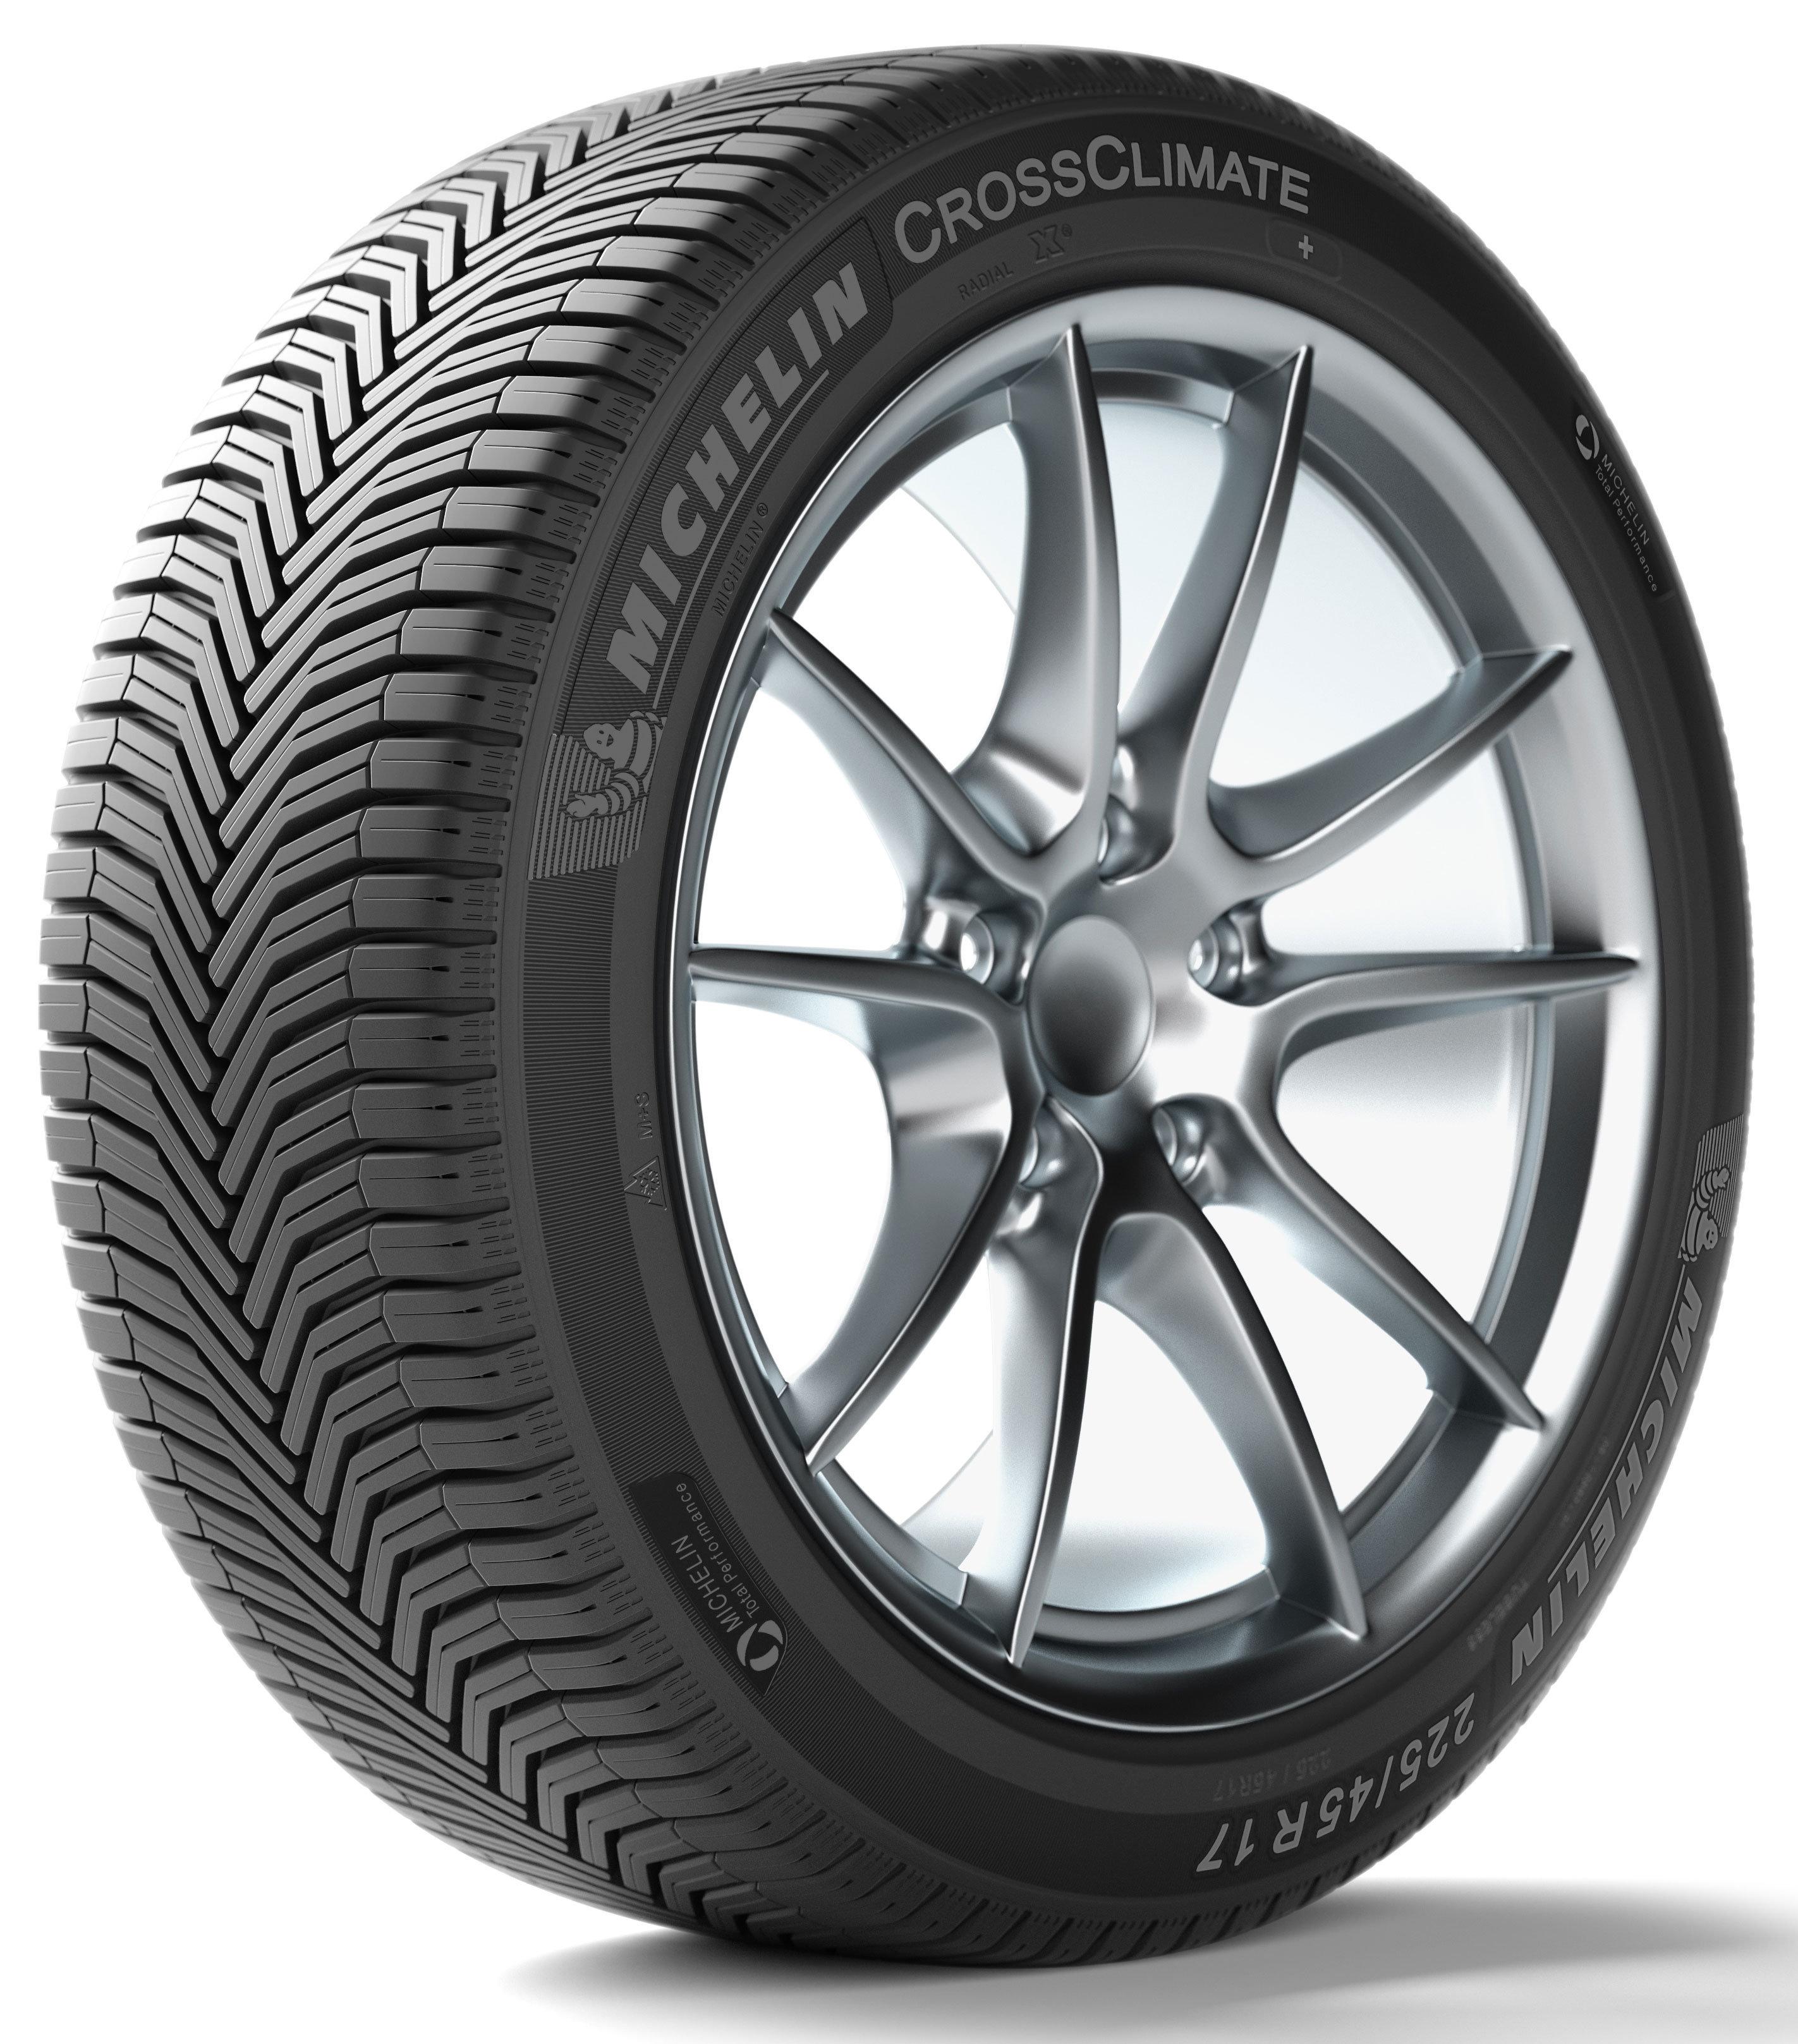 Neumático MICHELIN CROSS CLIMATE+ 185/60R15 88 V